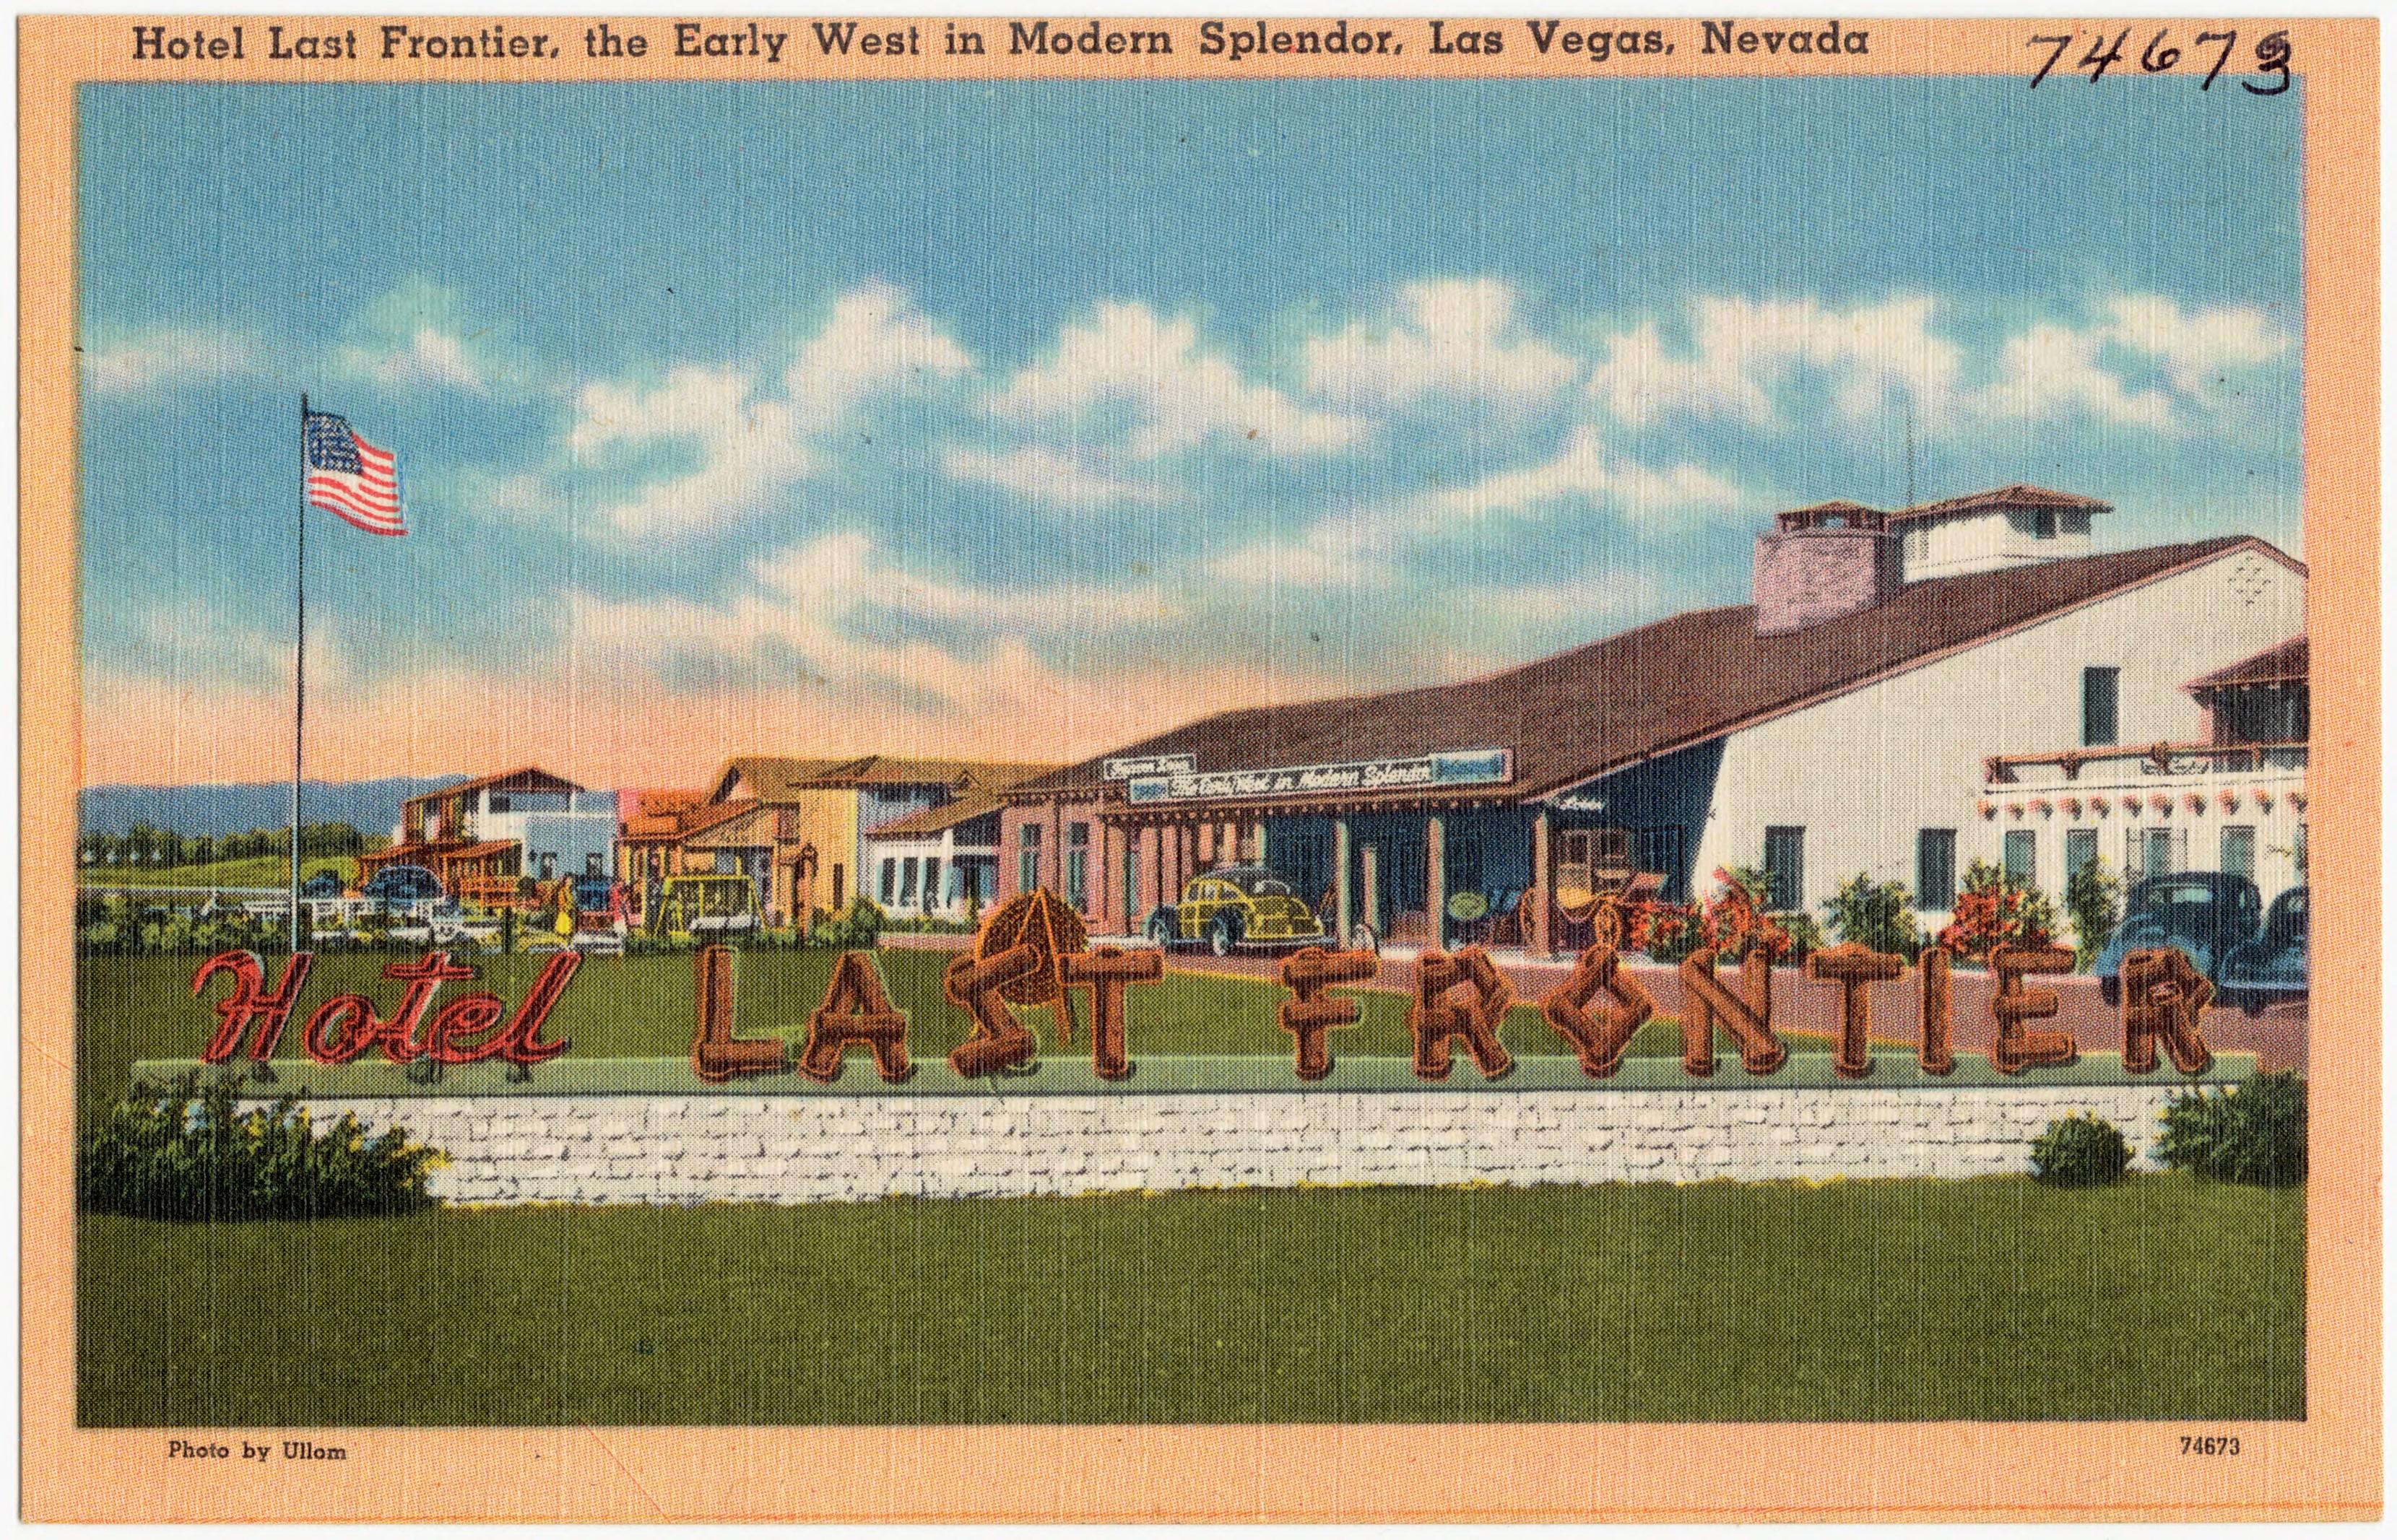 file:hotel last frontier, the early west in modern splendor, las